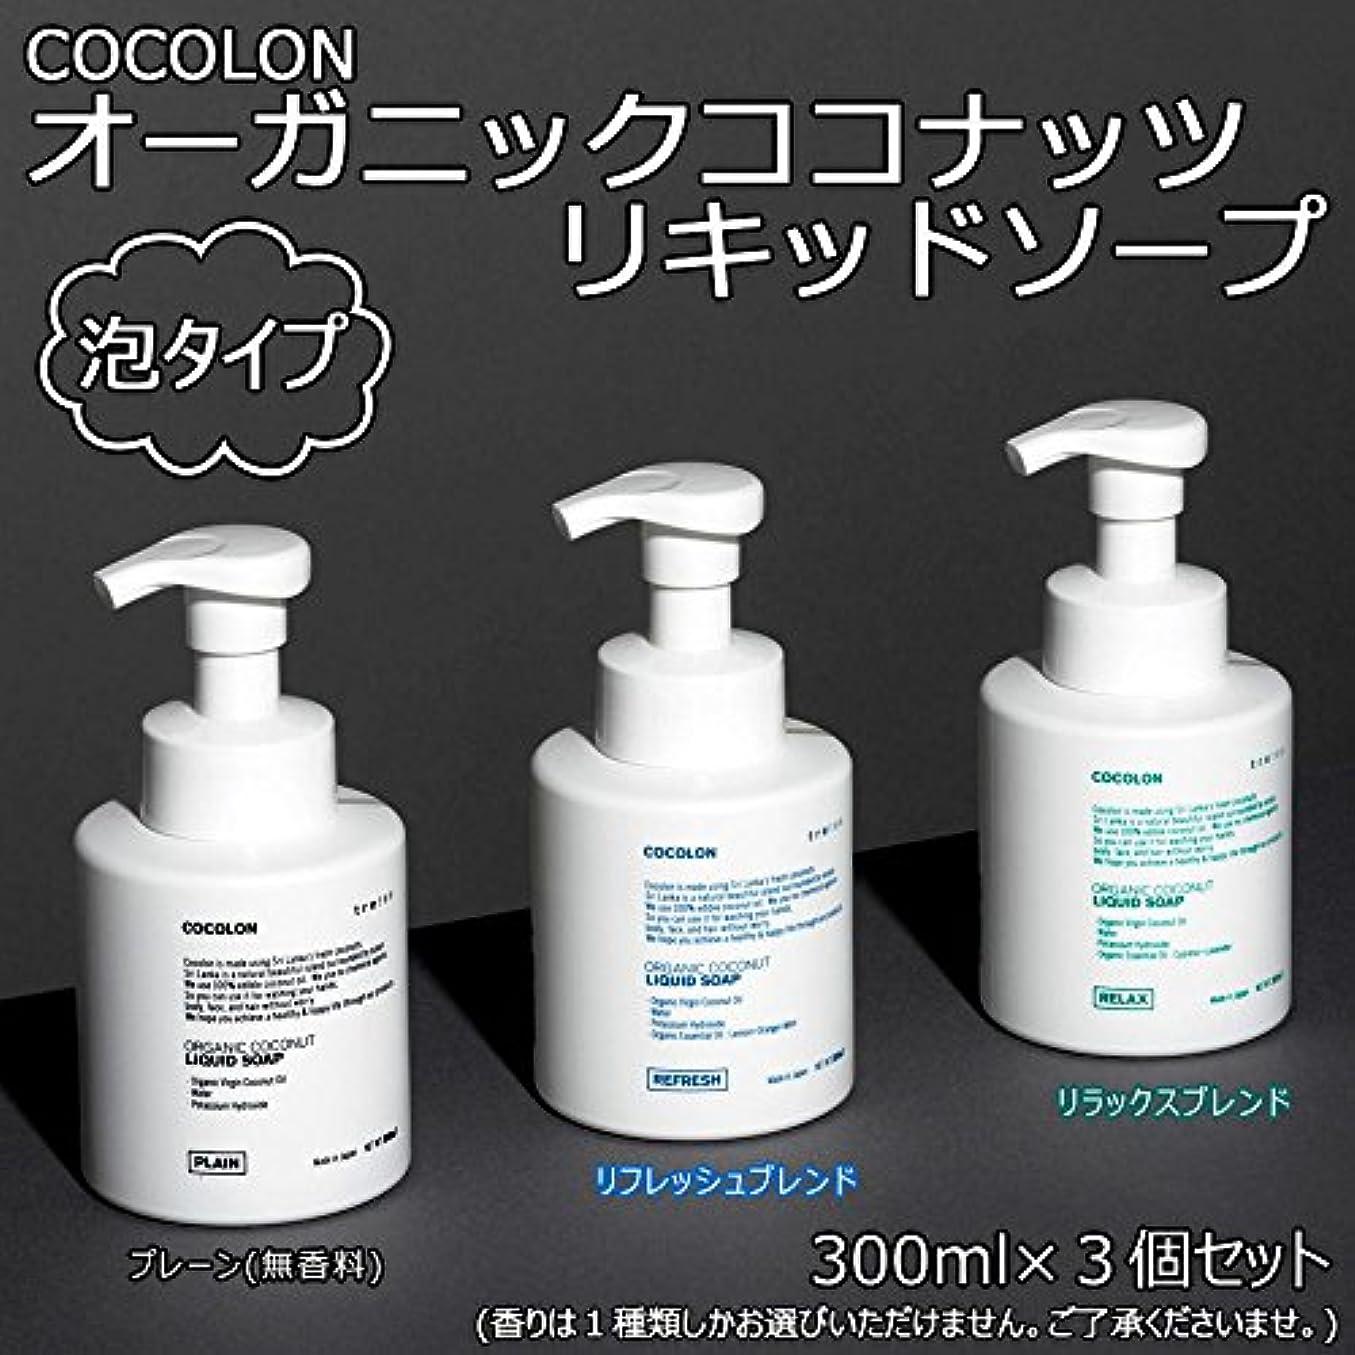 トラフィック女の子間違いなくCOCOLON ココロン オーガニックココナッツリキッドソープ 泡タイプ 300ml 3個セット リフレッシュブレンド